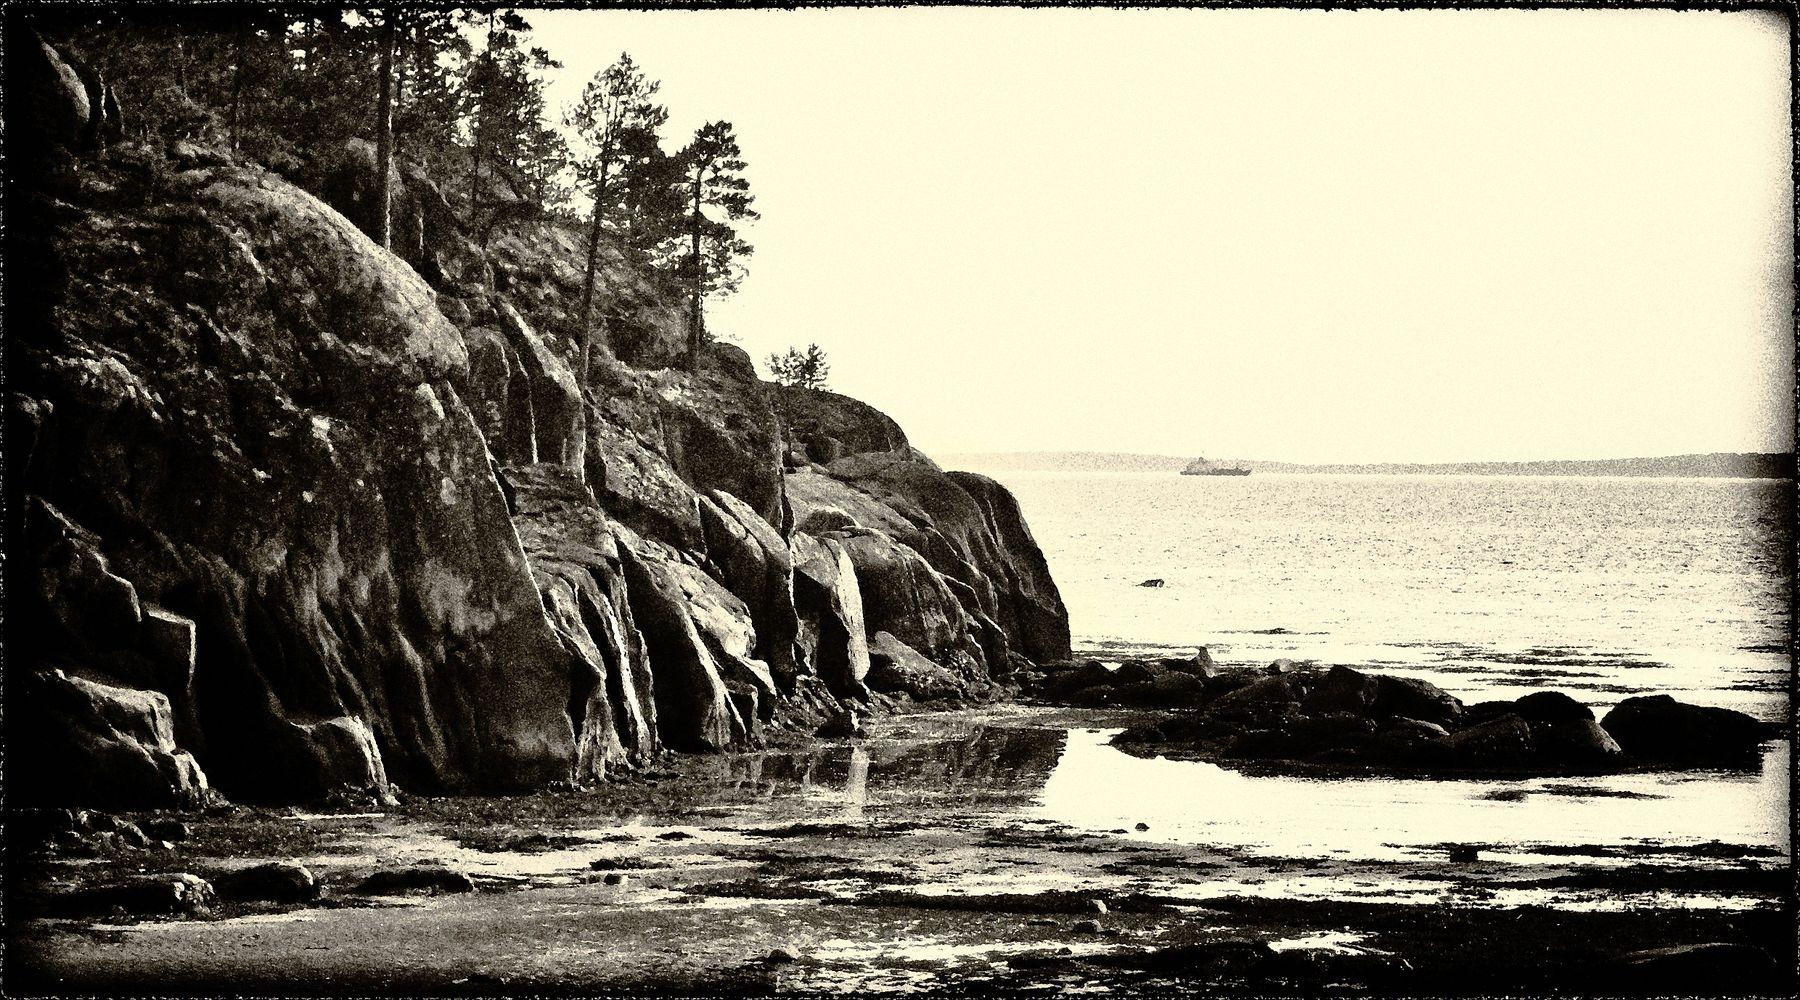 *Перейма* (из серии) фотография путешествие остров Кий Белое море лето Фото.Сайт Светлана Мамакина Lihgra Adventure